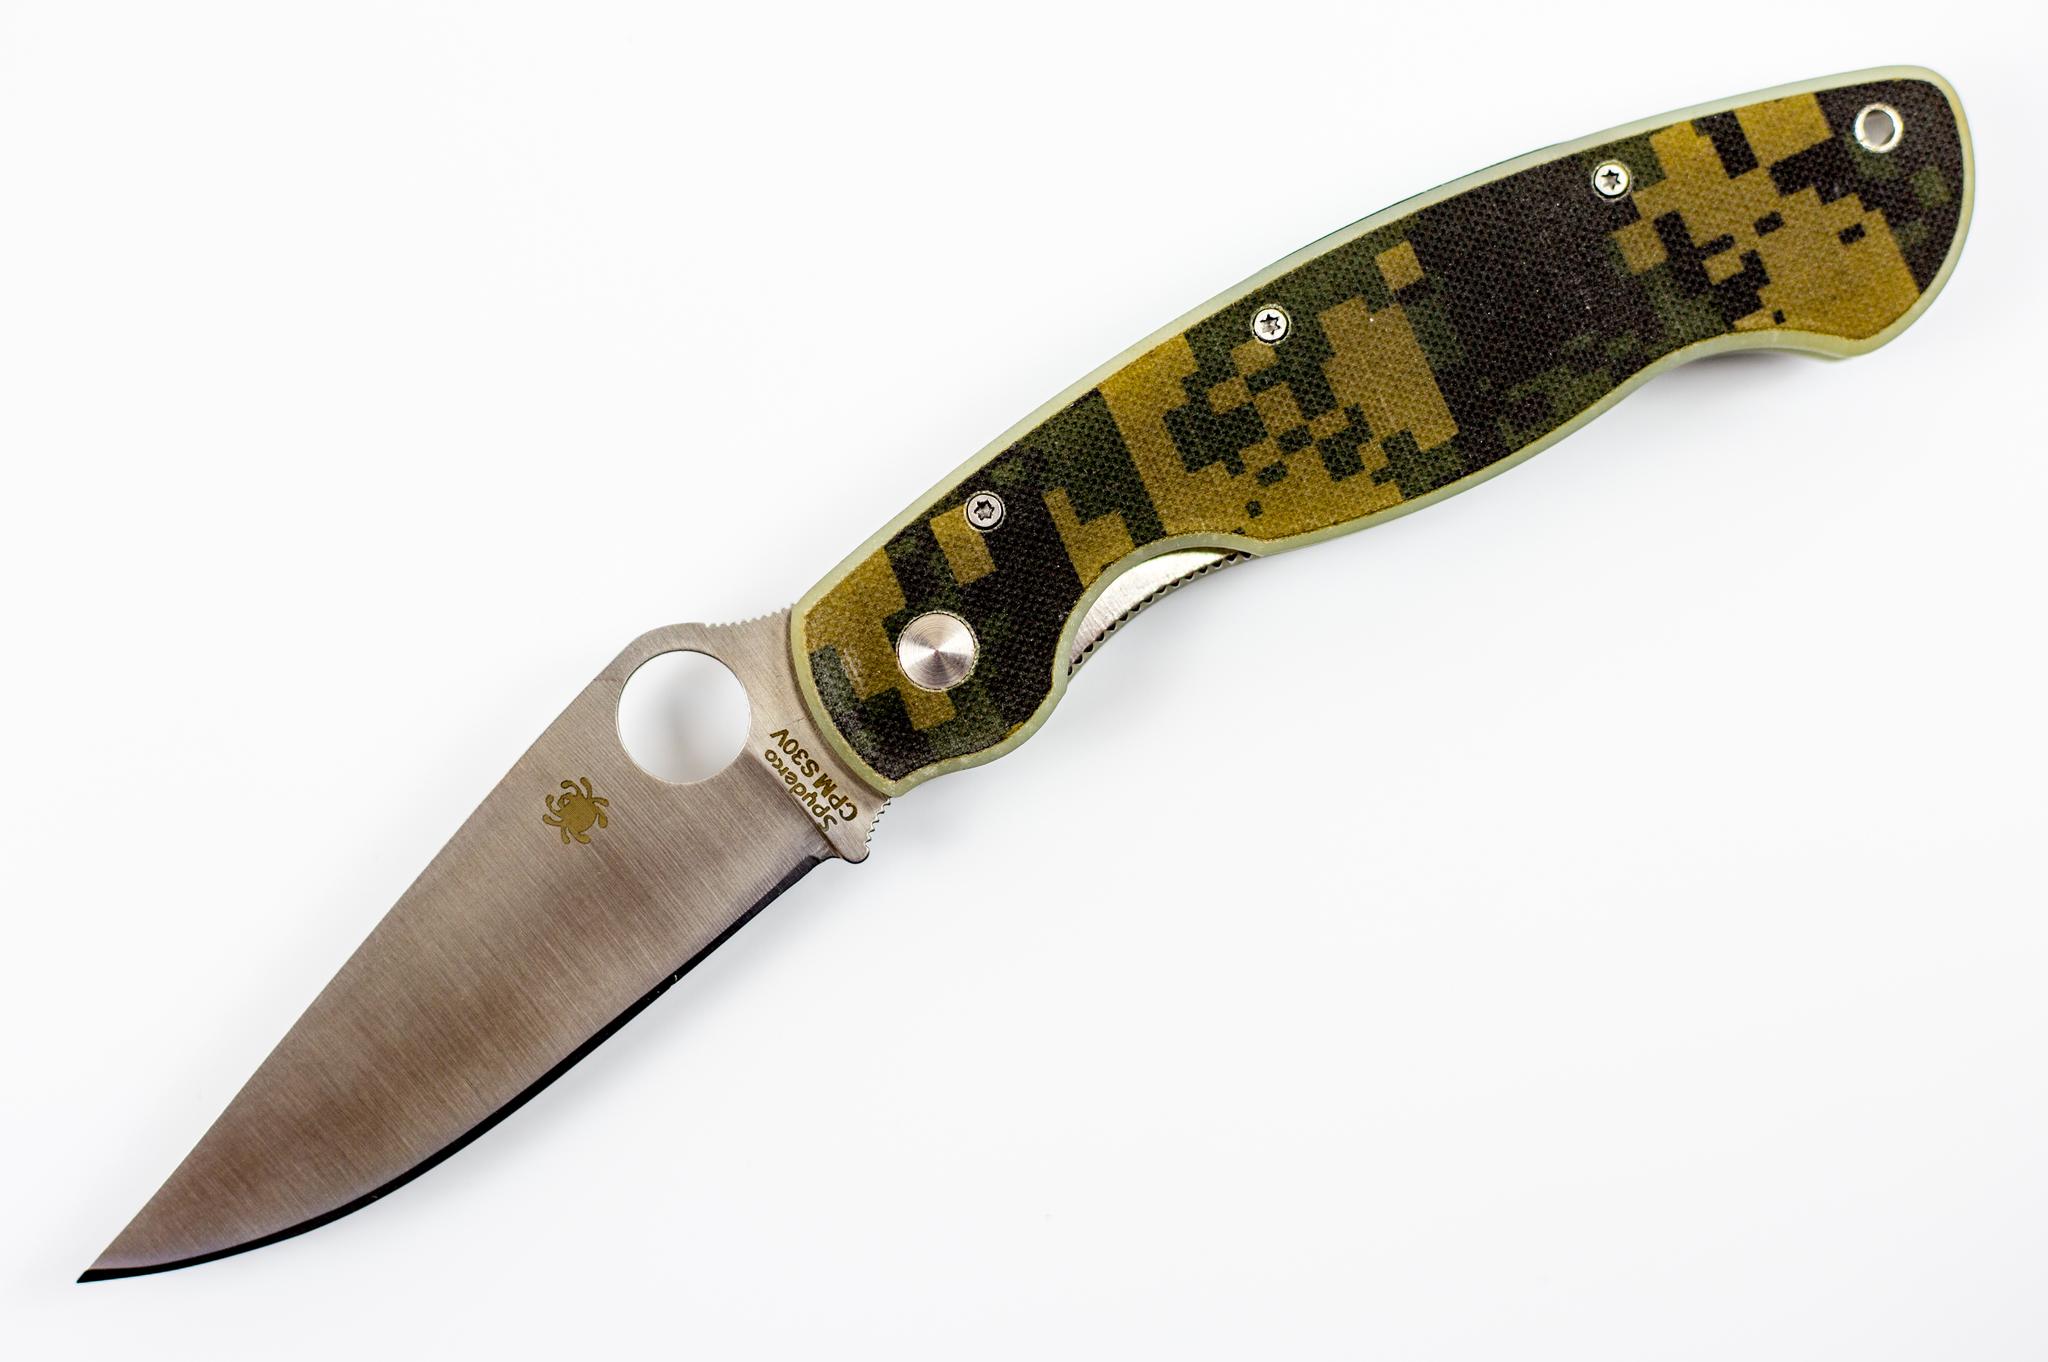 Складной нож Spyderco Military Camo ReplicaРаскладные ножи<br>Китайская реплика ножа Spyderco Military Camo<br>